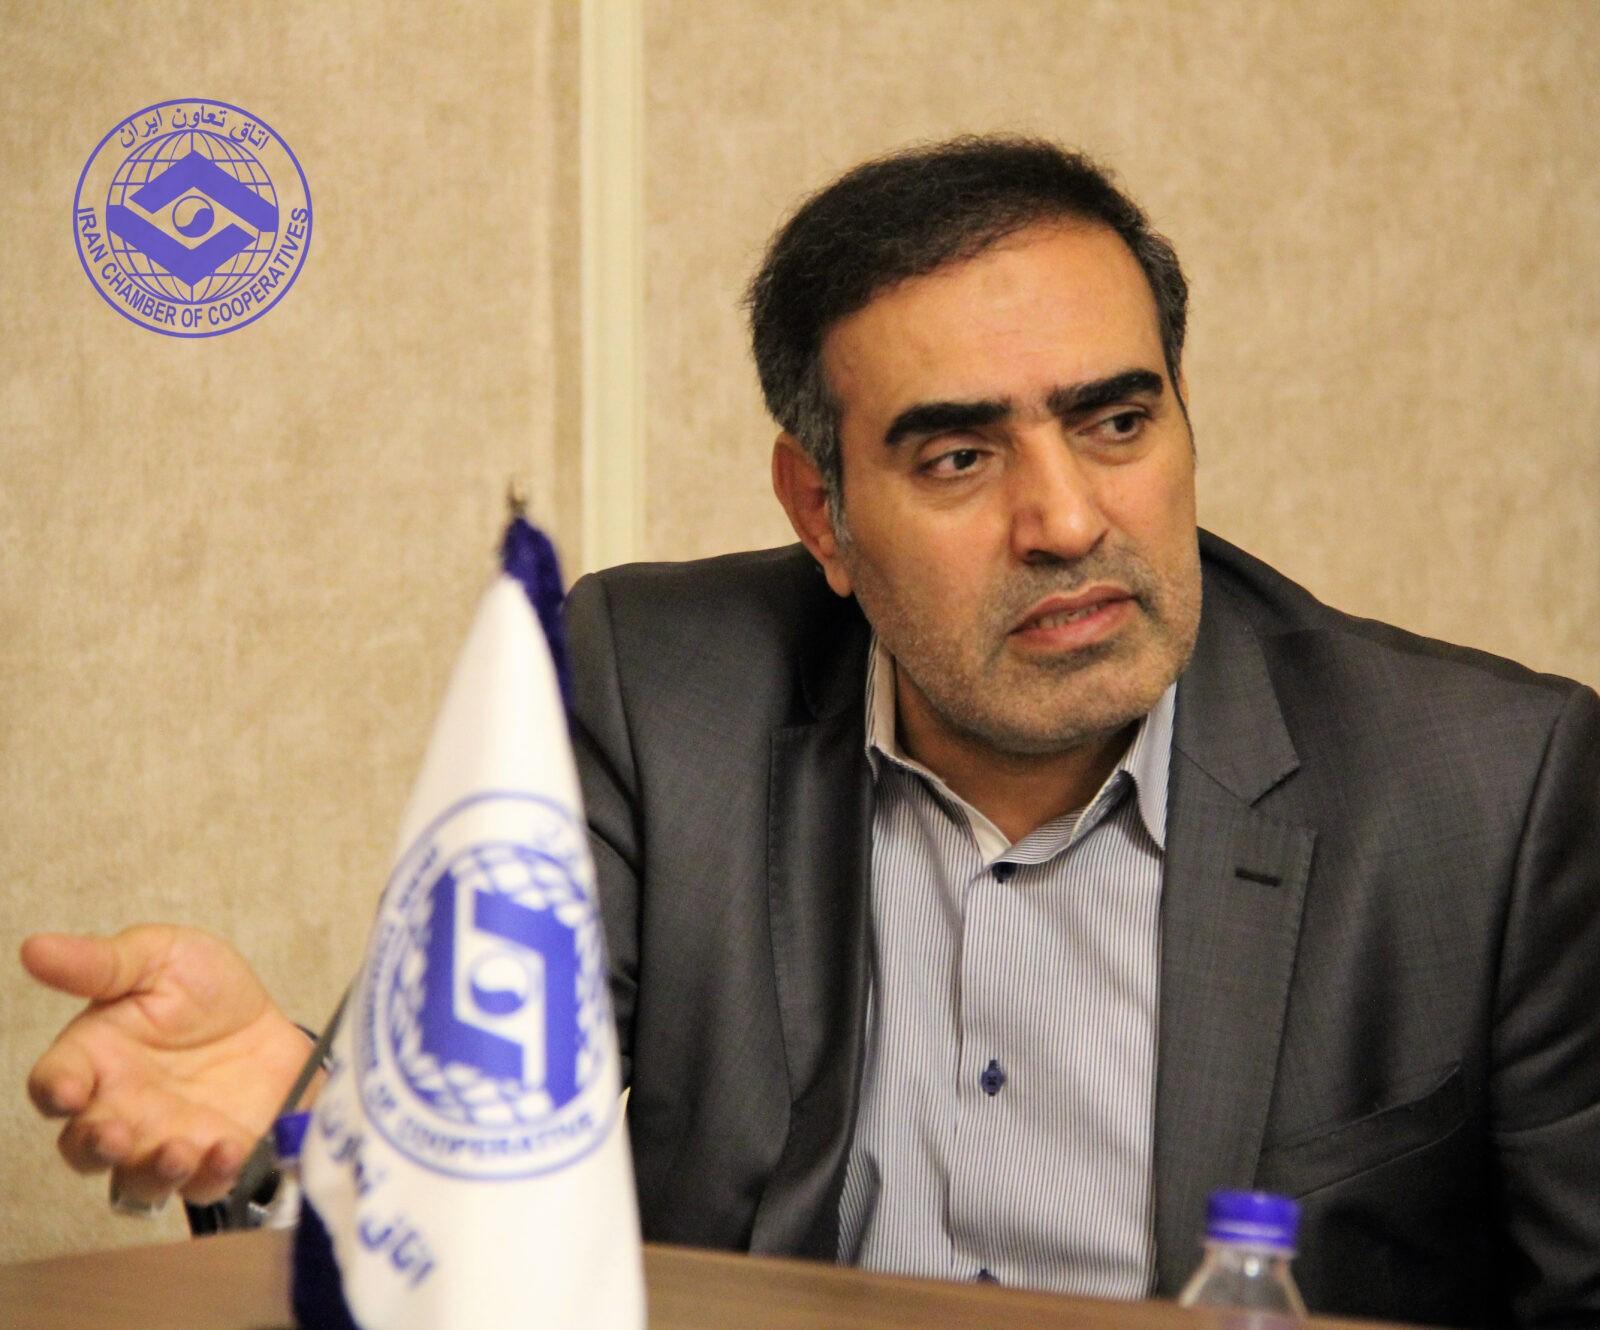 ایجاد تعاونیهای بزرگ عرضه محصولات ایرانی در تمام شهرها/ ایجاد زنجیره تولید، توزیع تا مصرف در بخش تعاون